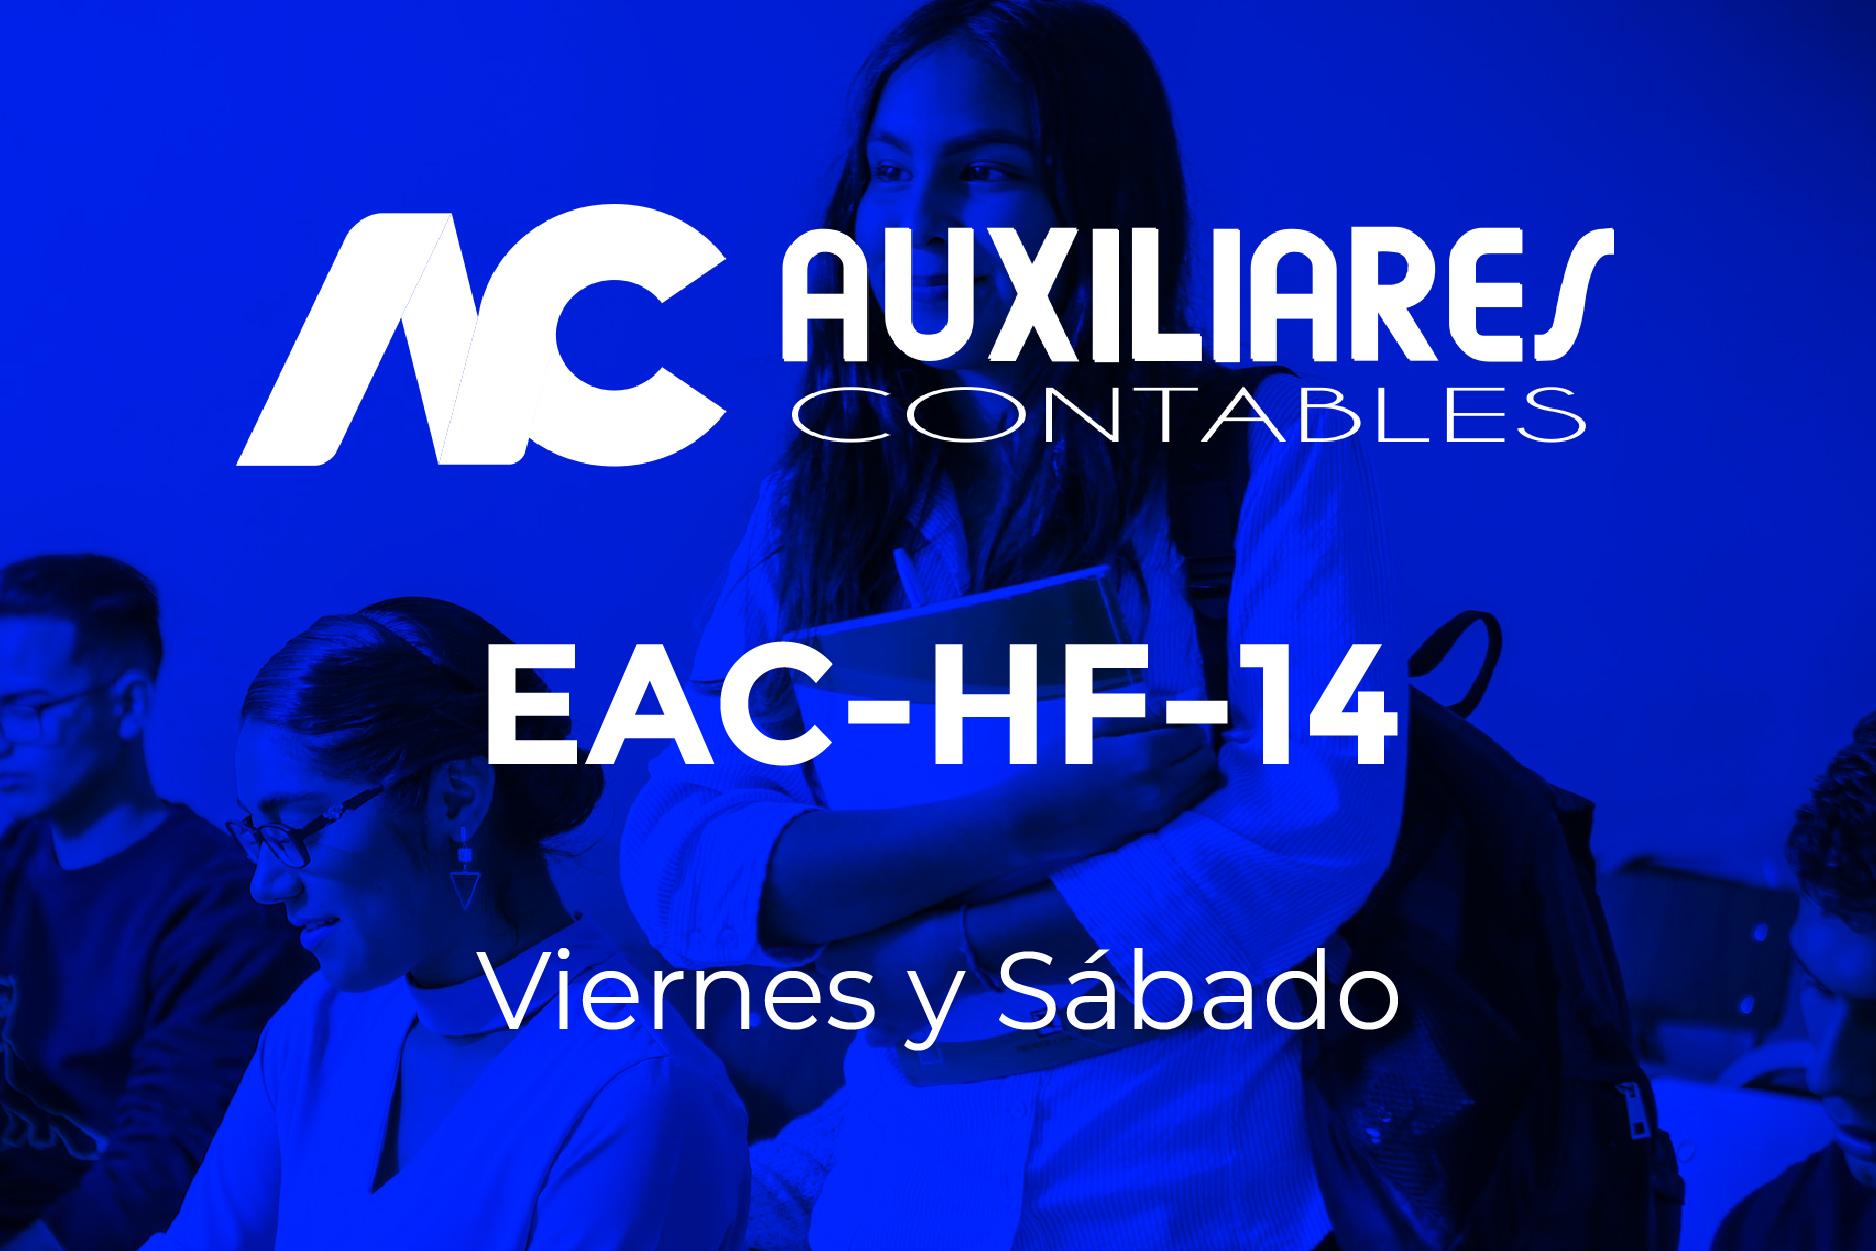 14 - AUXILIARES CONTABLES - VIERNES Y SÁBADO